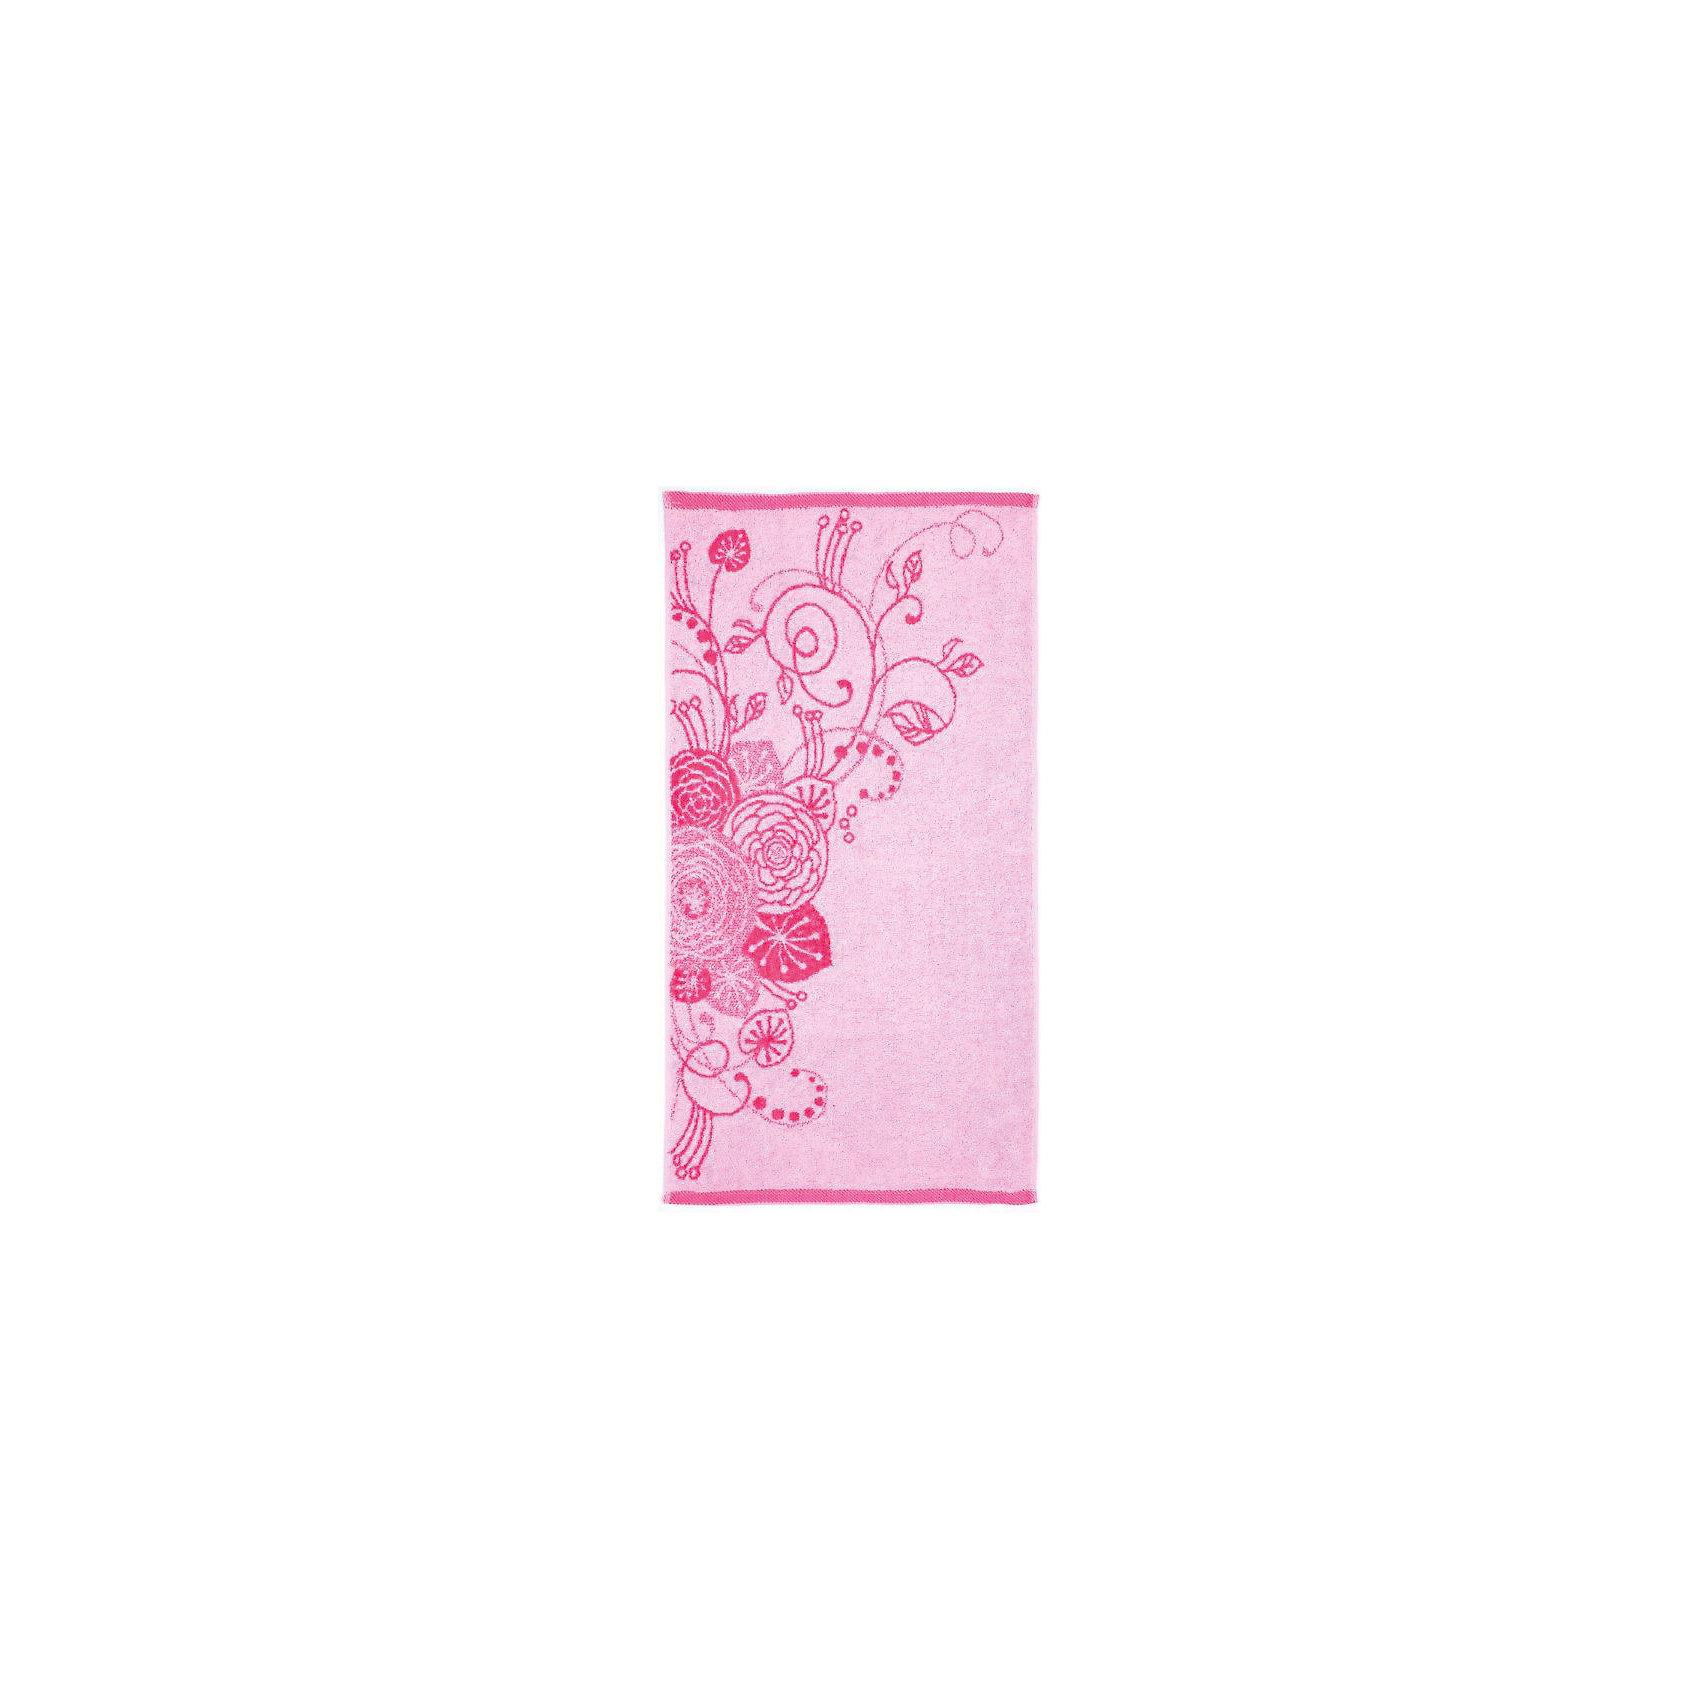 Любимый дом Полотенце махровое Лютики 35*70, Любимый дом, розовый любимый дом полотенце махровое букетики 45 80 любимый дом